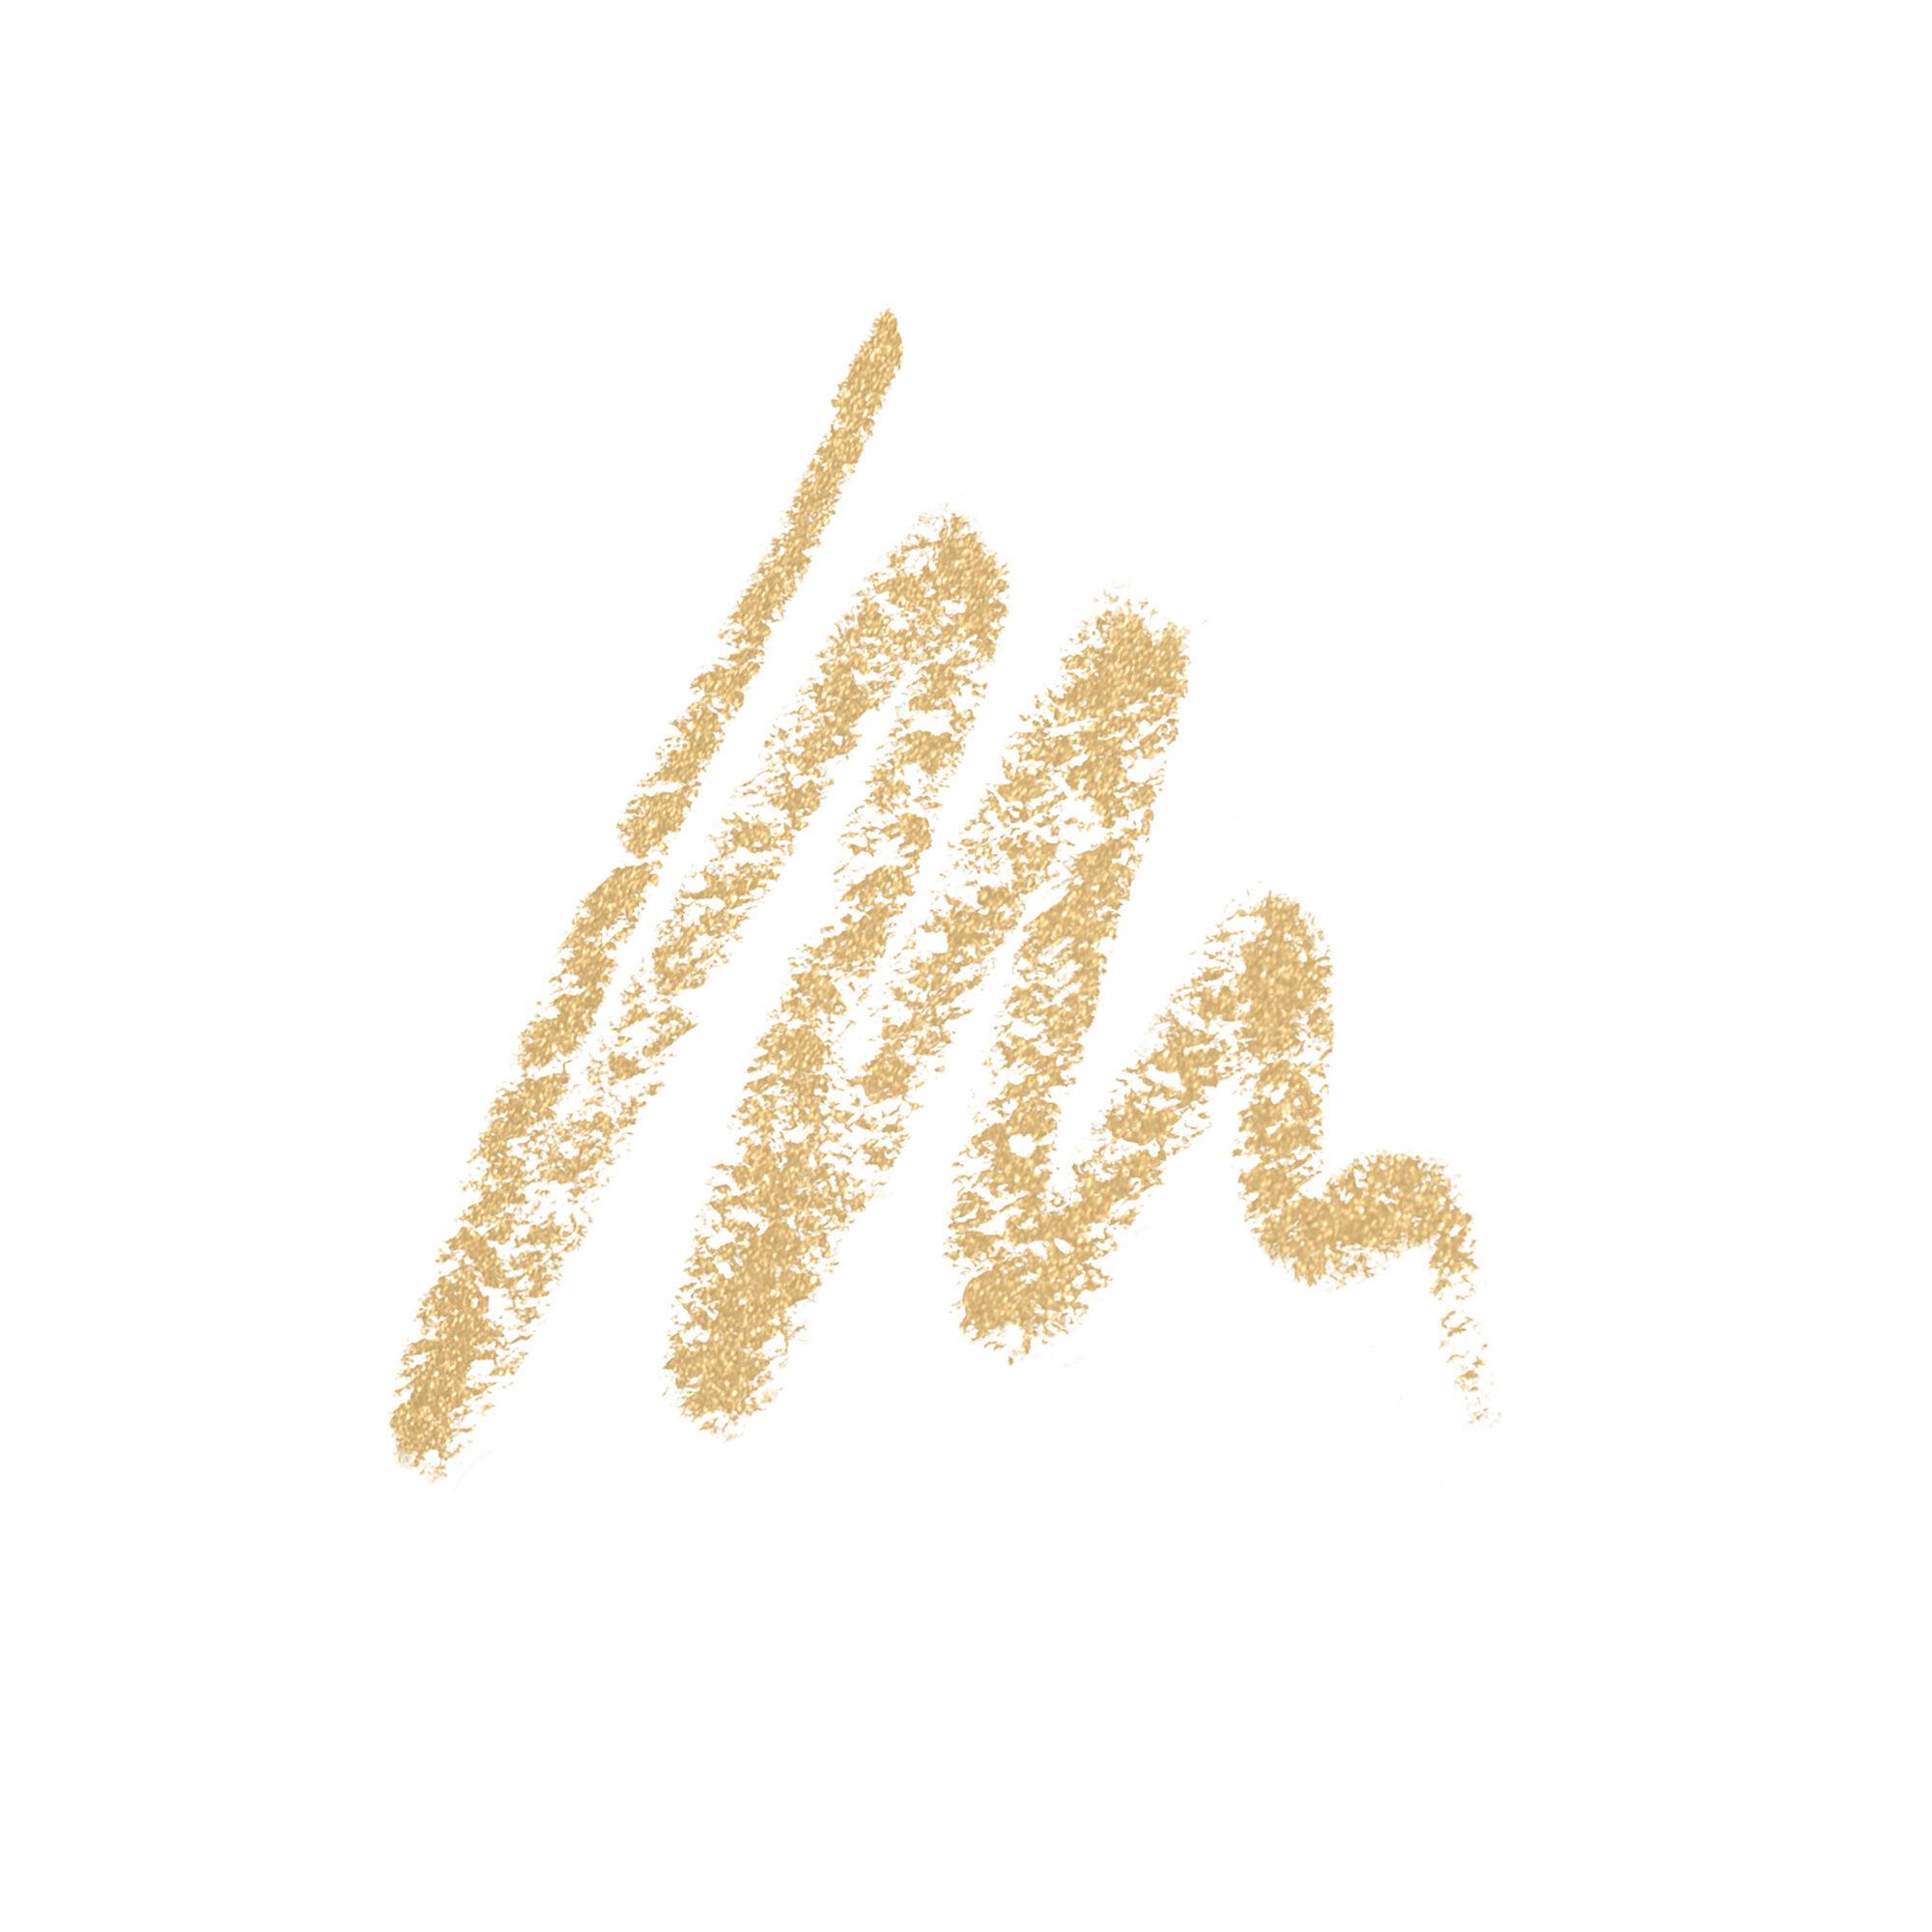 Vibeliner, Divine, Gold